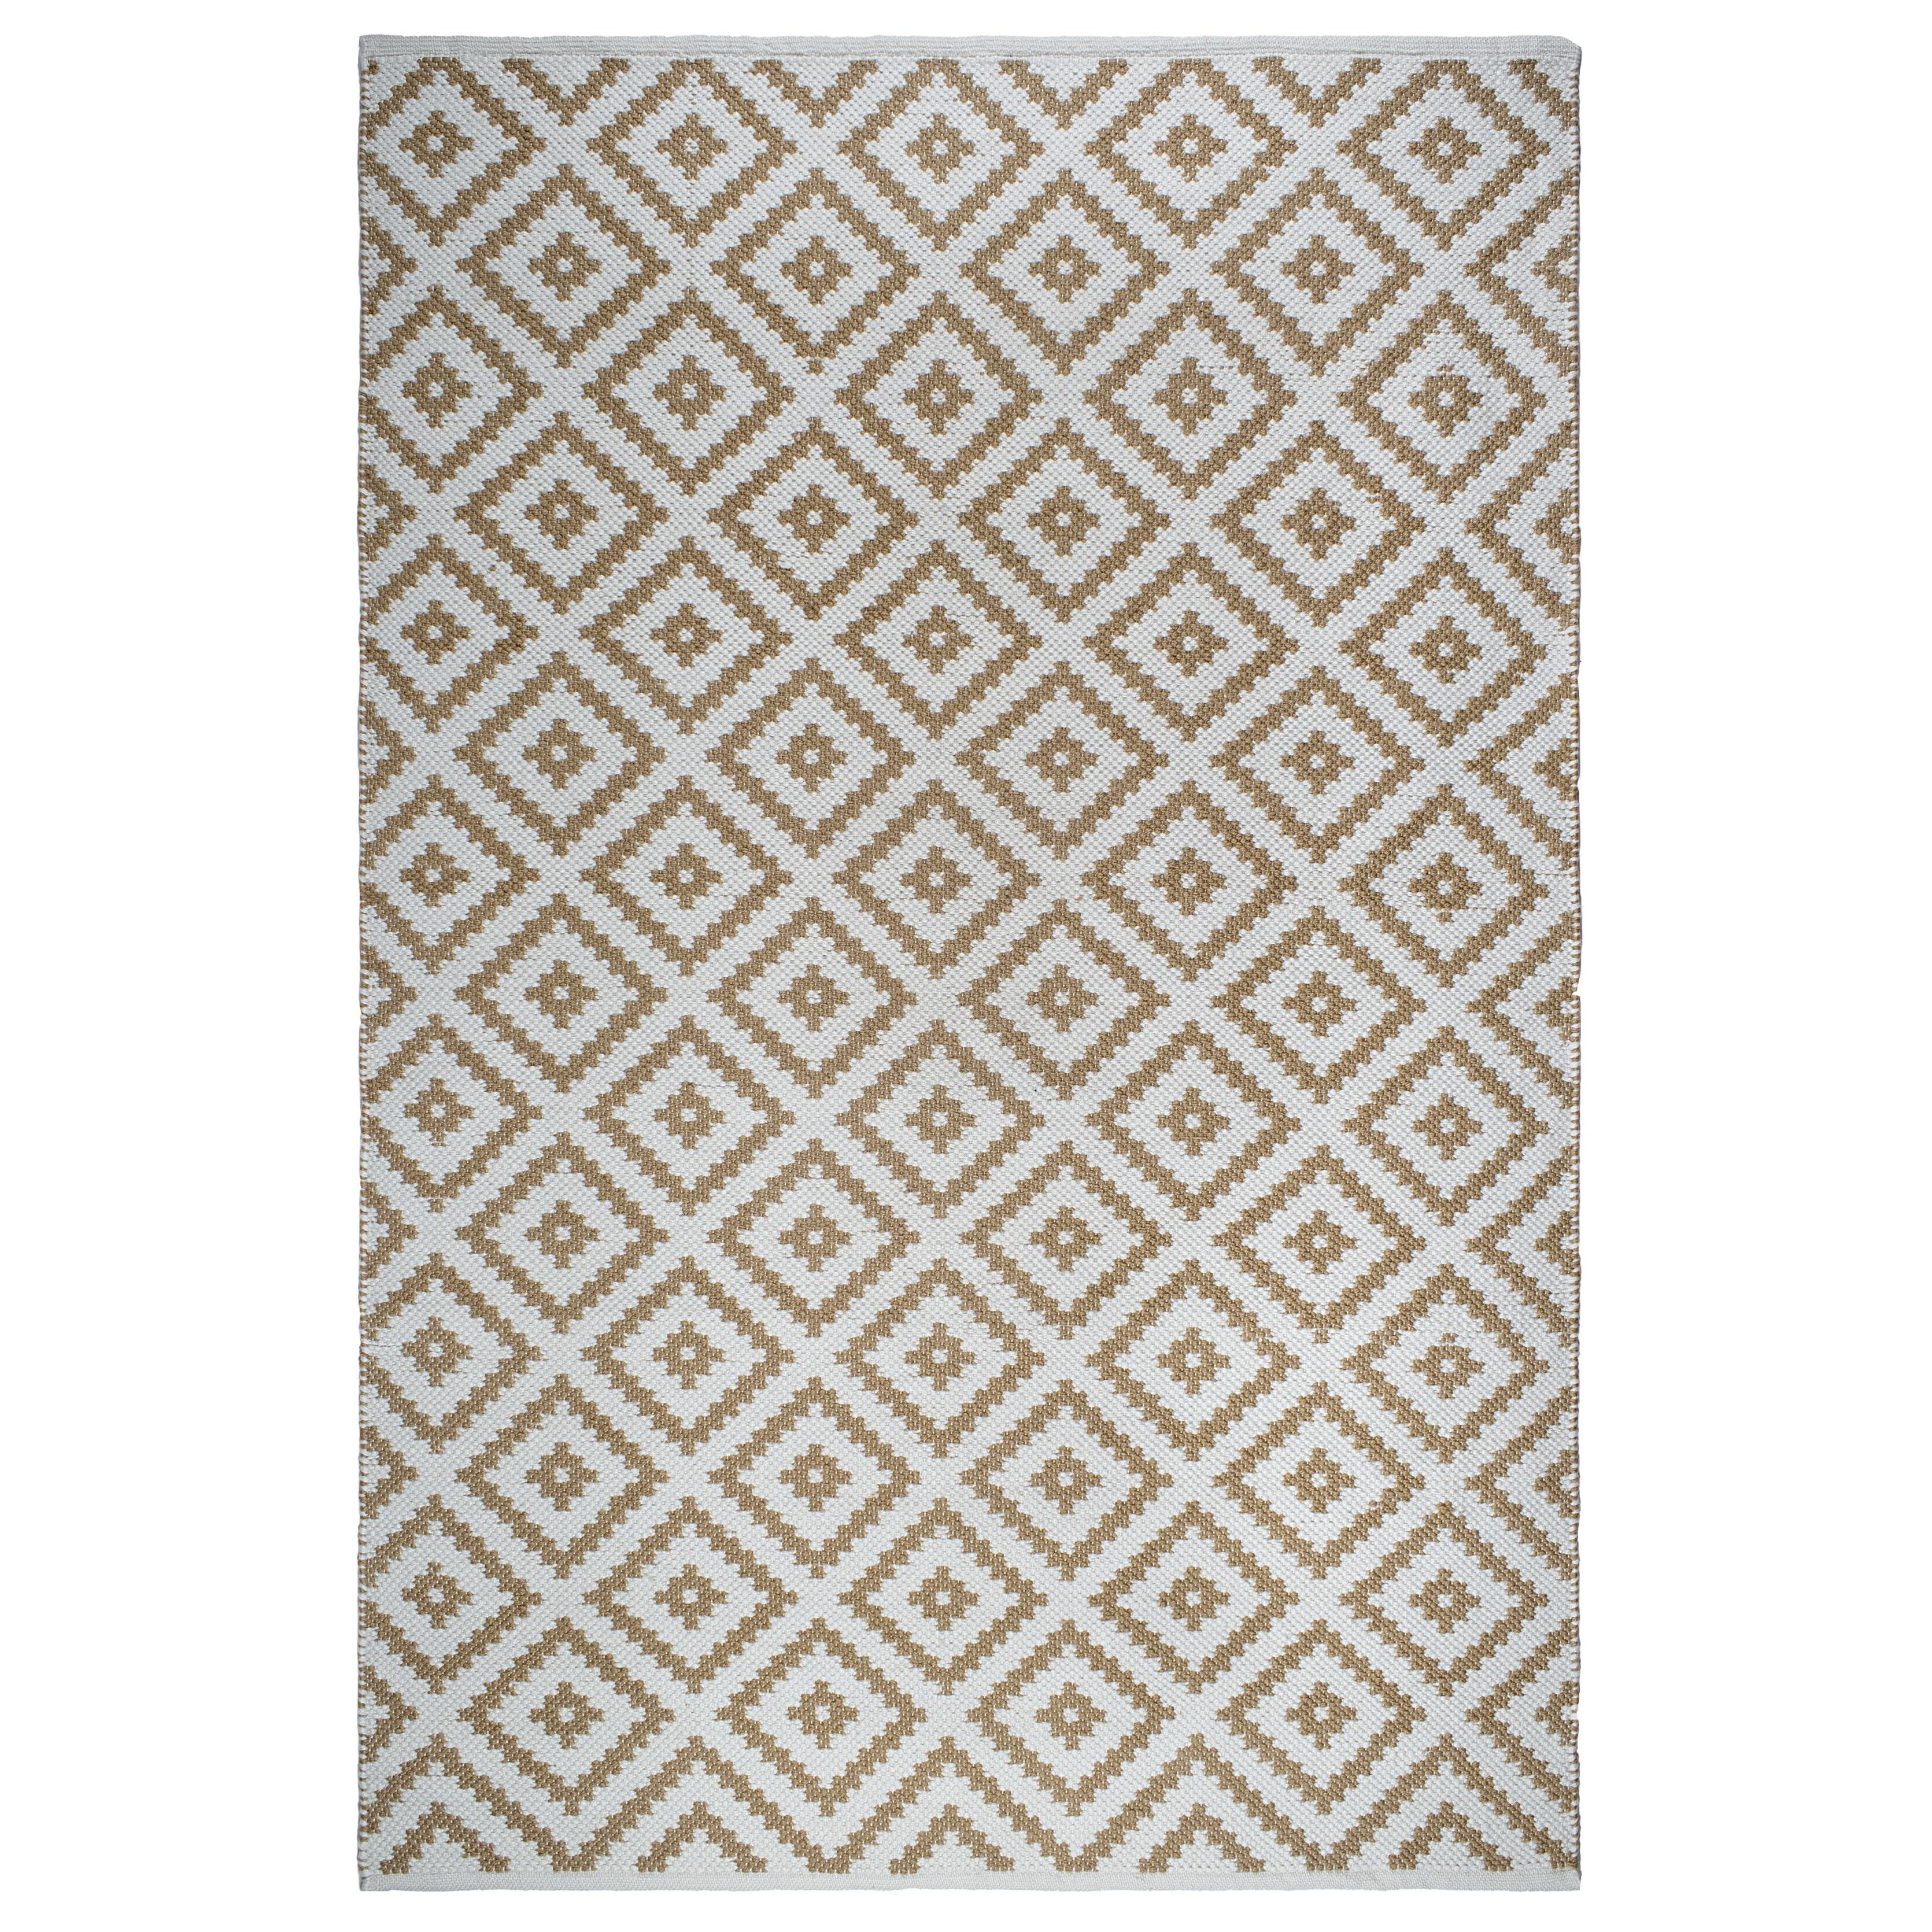 Fab Habitat Indoor Outdoor Floor Mat Rug Handwoven Made f...